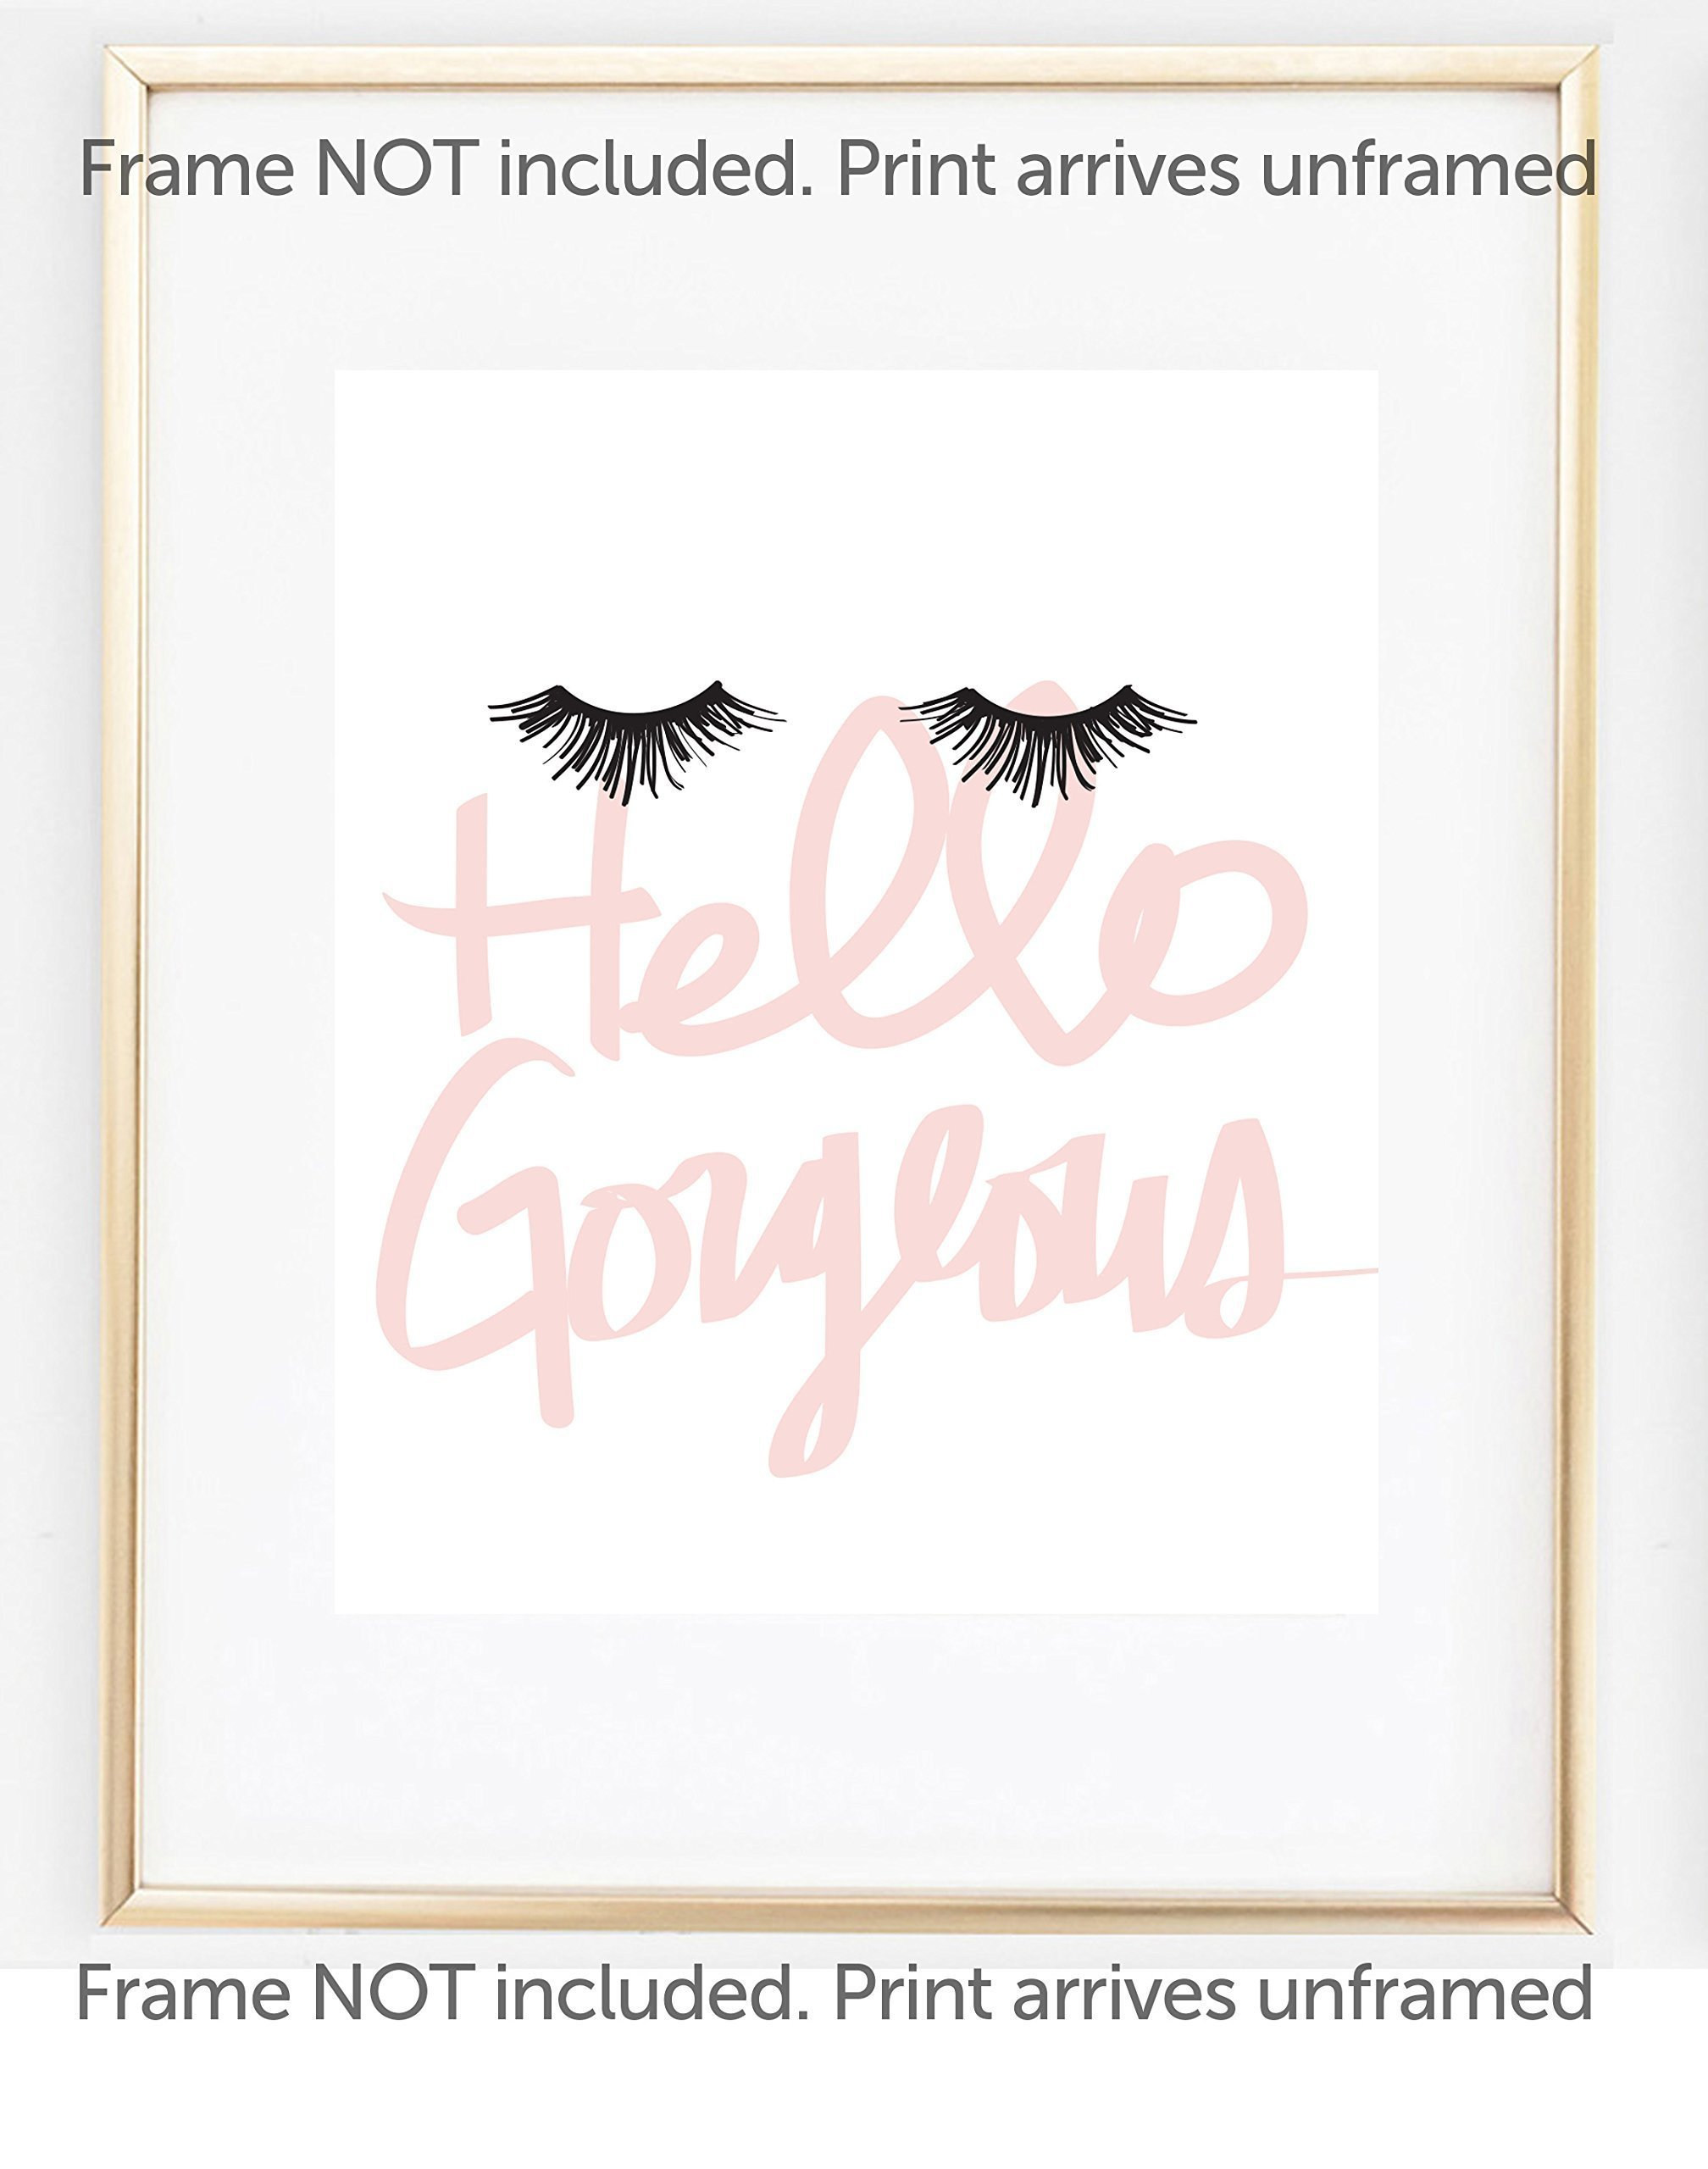 UNFRAMED Hello Gorgeous Print, Eyelash Art Makeup in Size 12''x12'', 12''x18'', 16''x20'', 18''x24'', 24x36